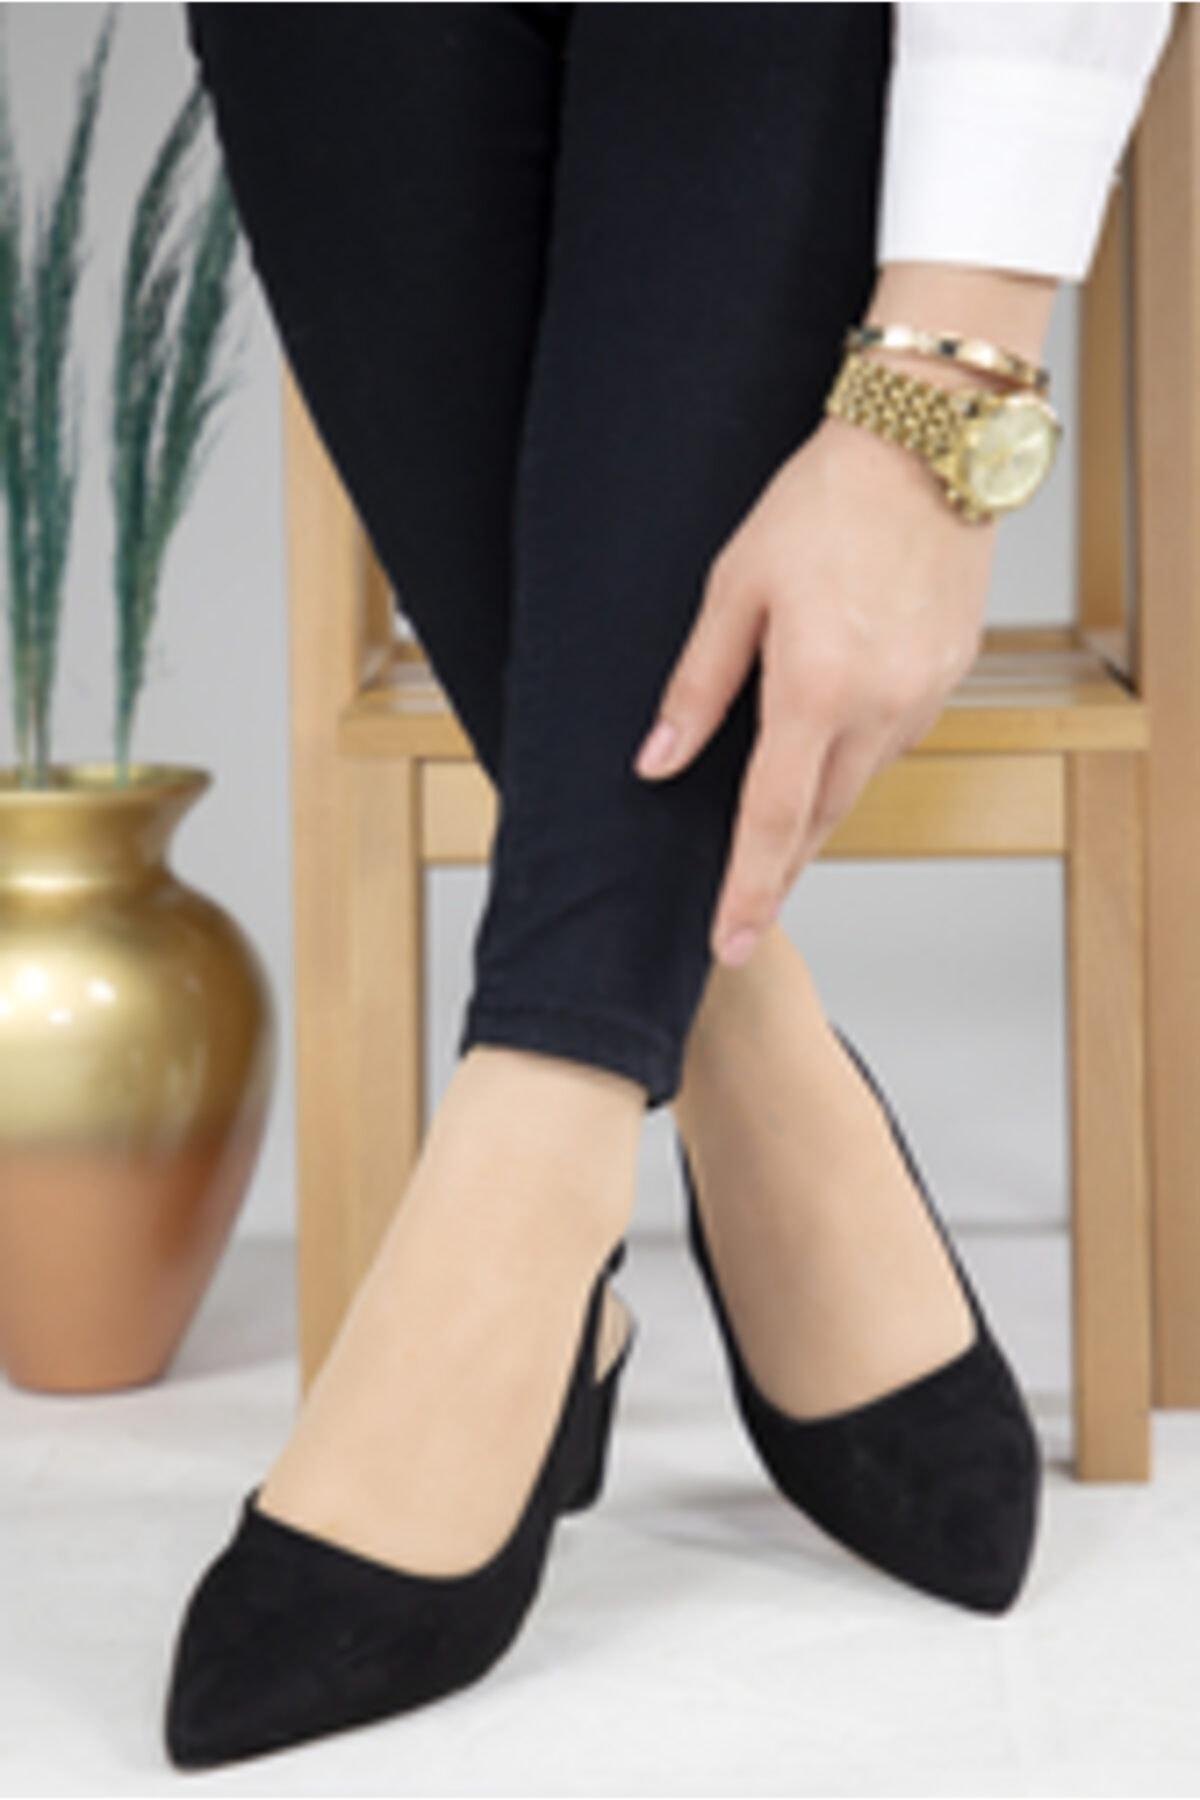 MODANOİVA Kadın Siyah Süet Topuklu Ayakkabı 1003-119-0001-a82